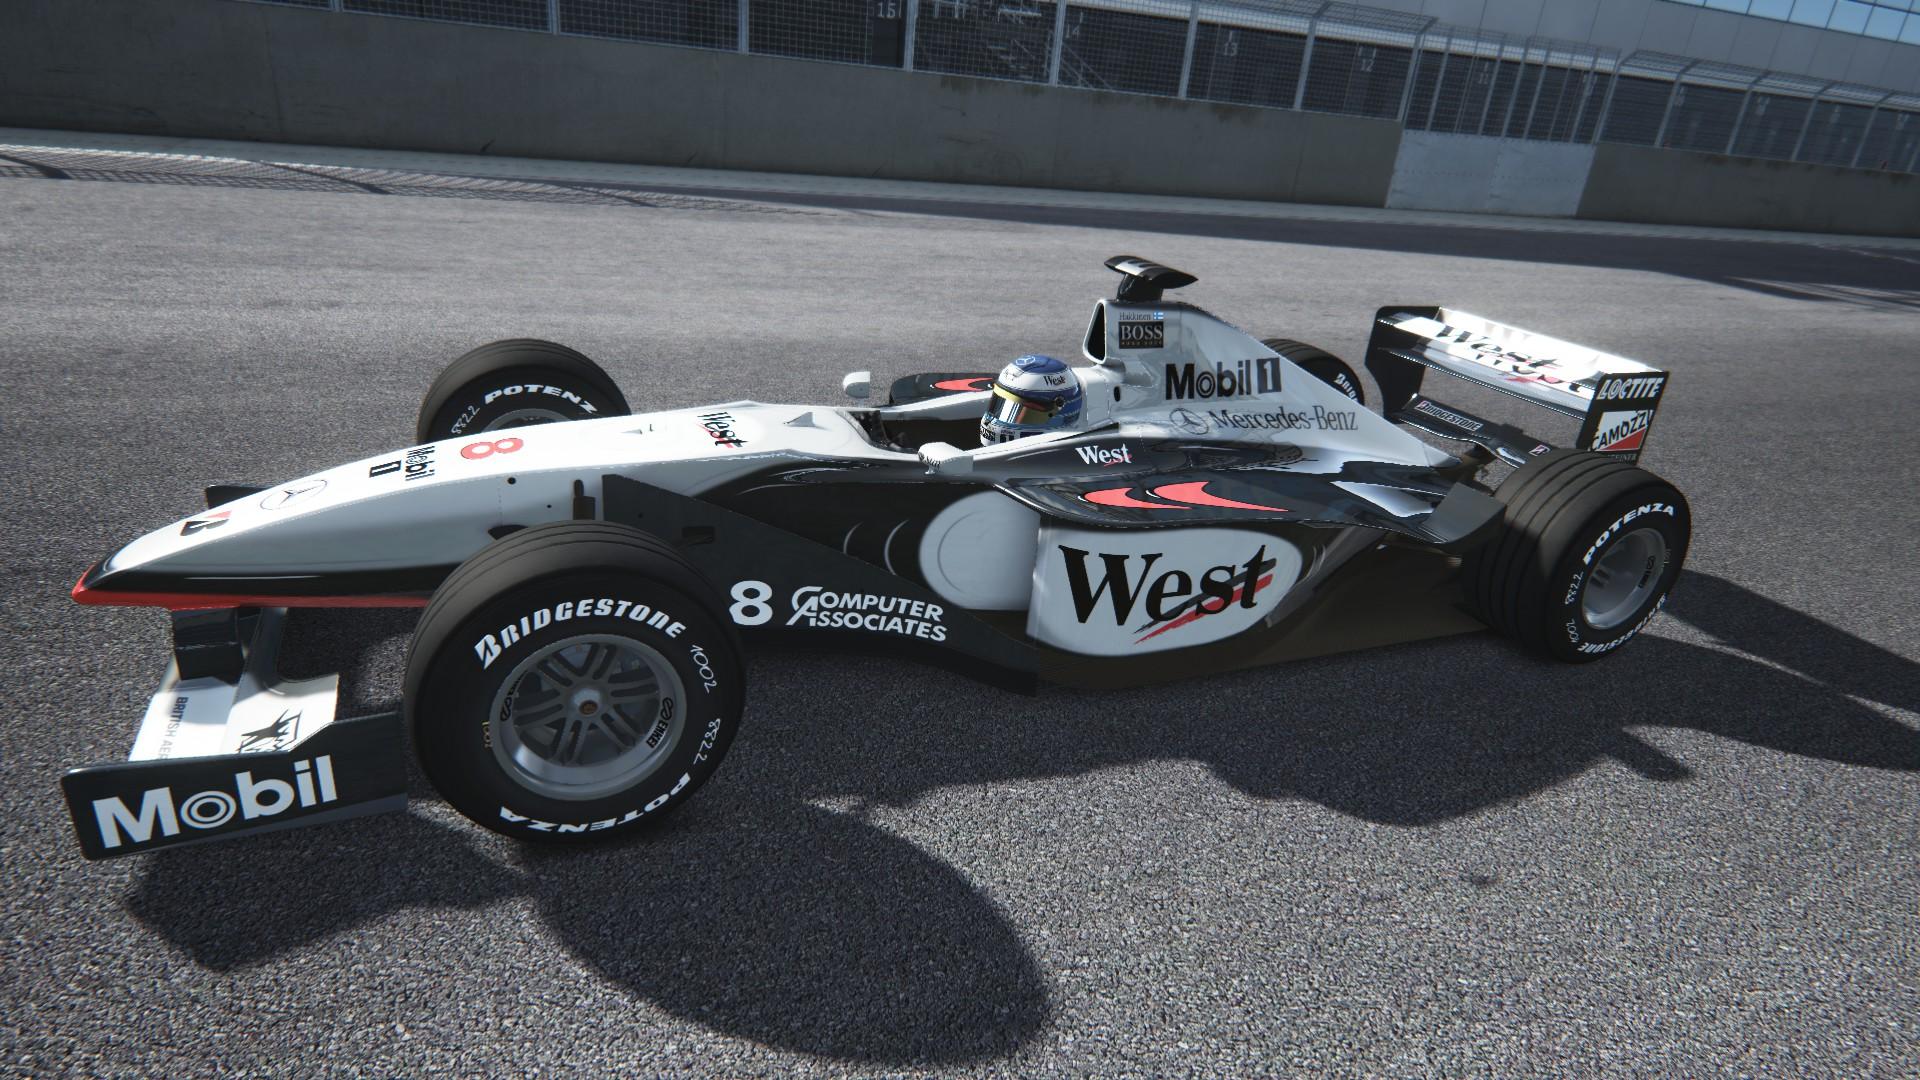 Assetto Corsa -  Mclaren mp4-13 by Virtua simulazioni Silverstone 09